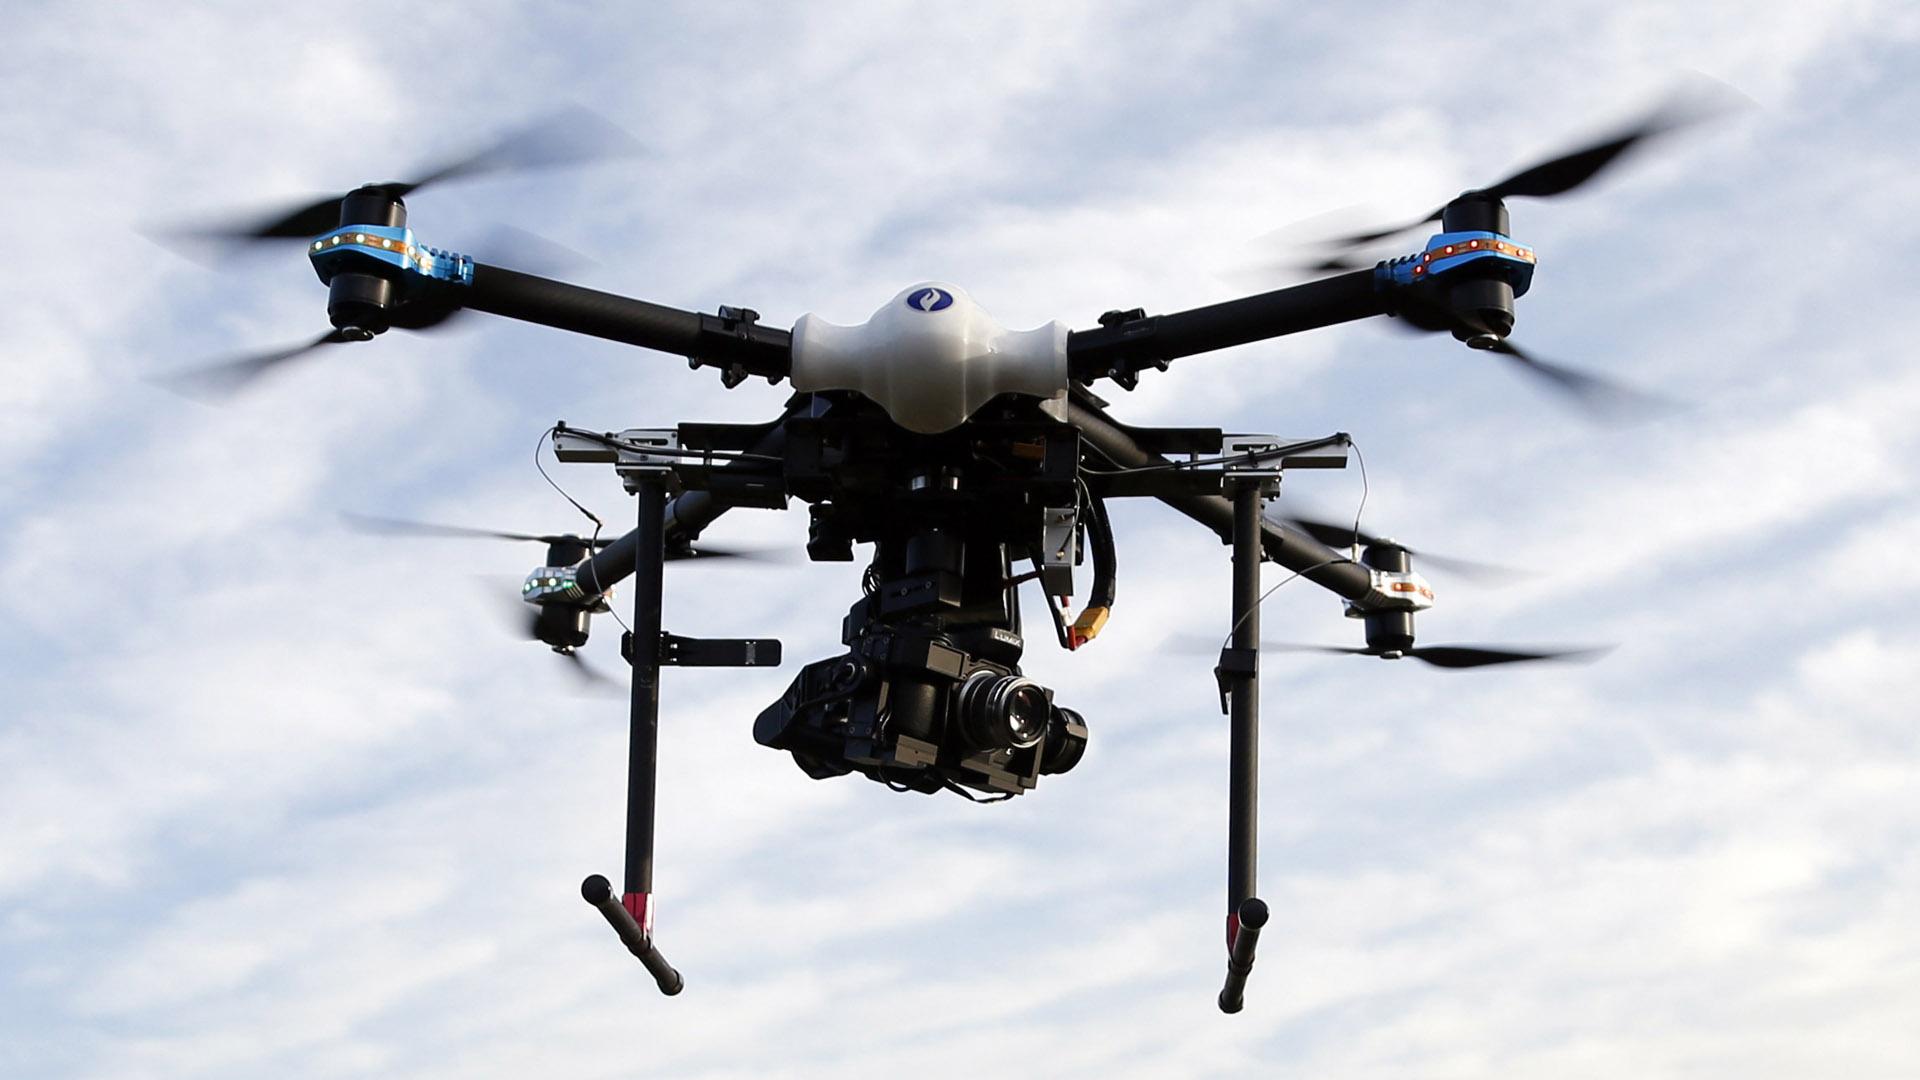 Según indica la prensa se desconoce aún si los dispositivos de reconocimiento y combate serán alquilados o comprados